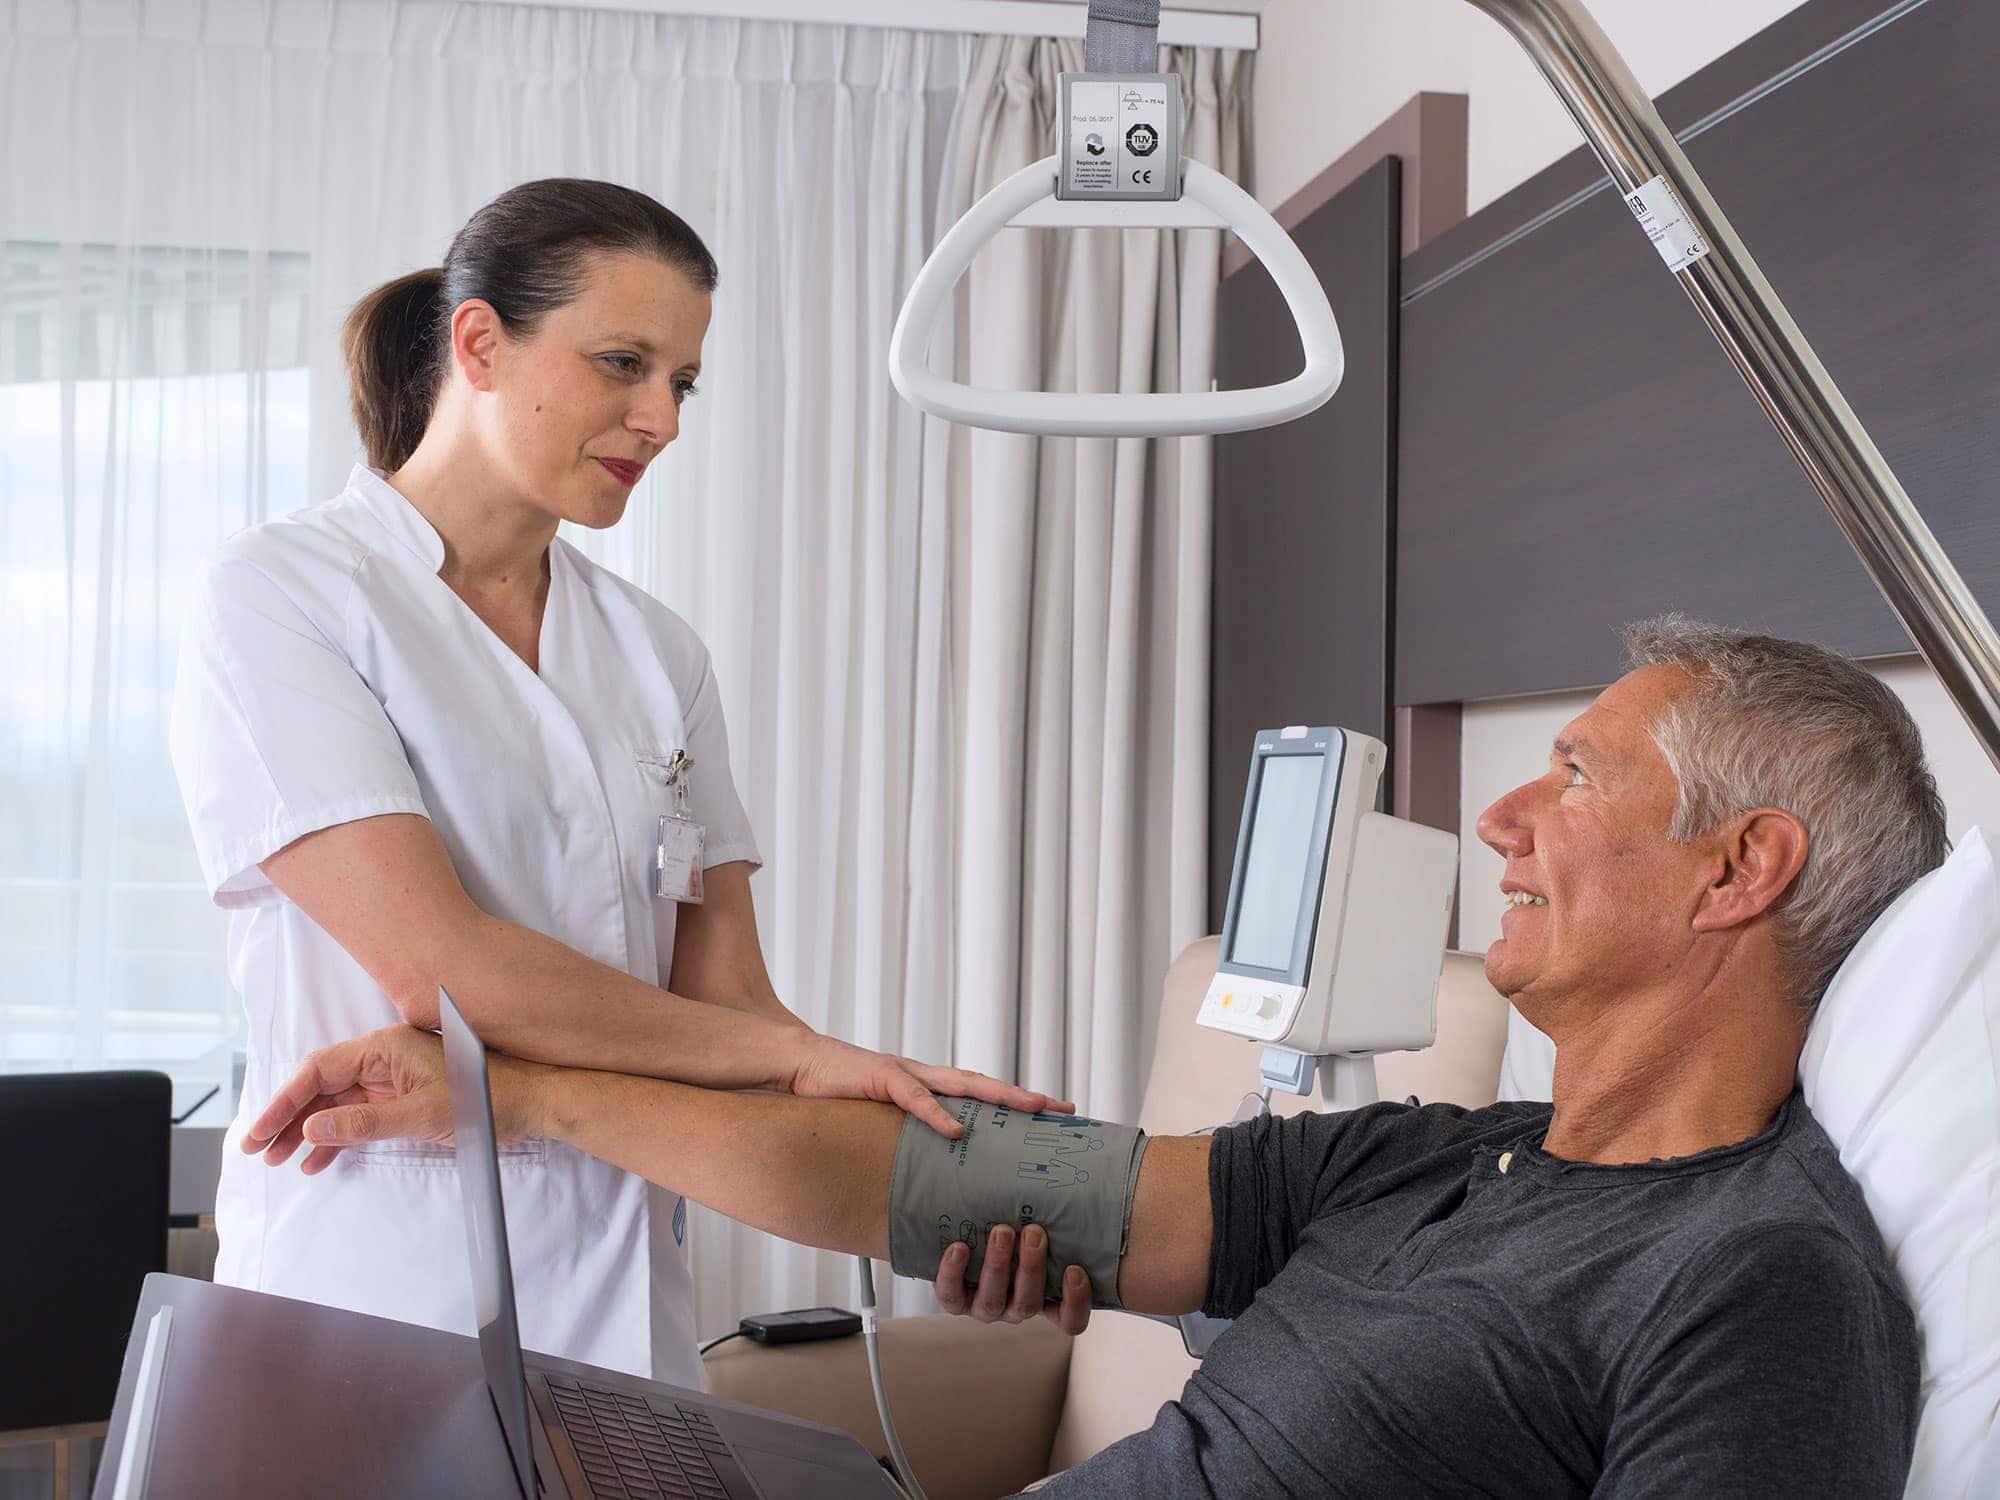 infirmière s'occupant d'un malade pour une commande de photos corporate